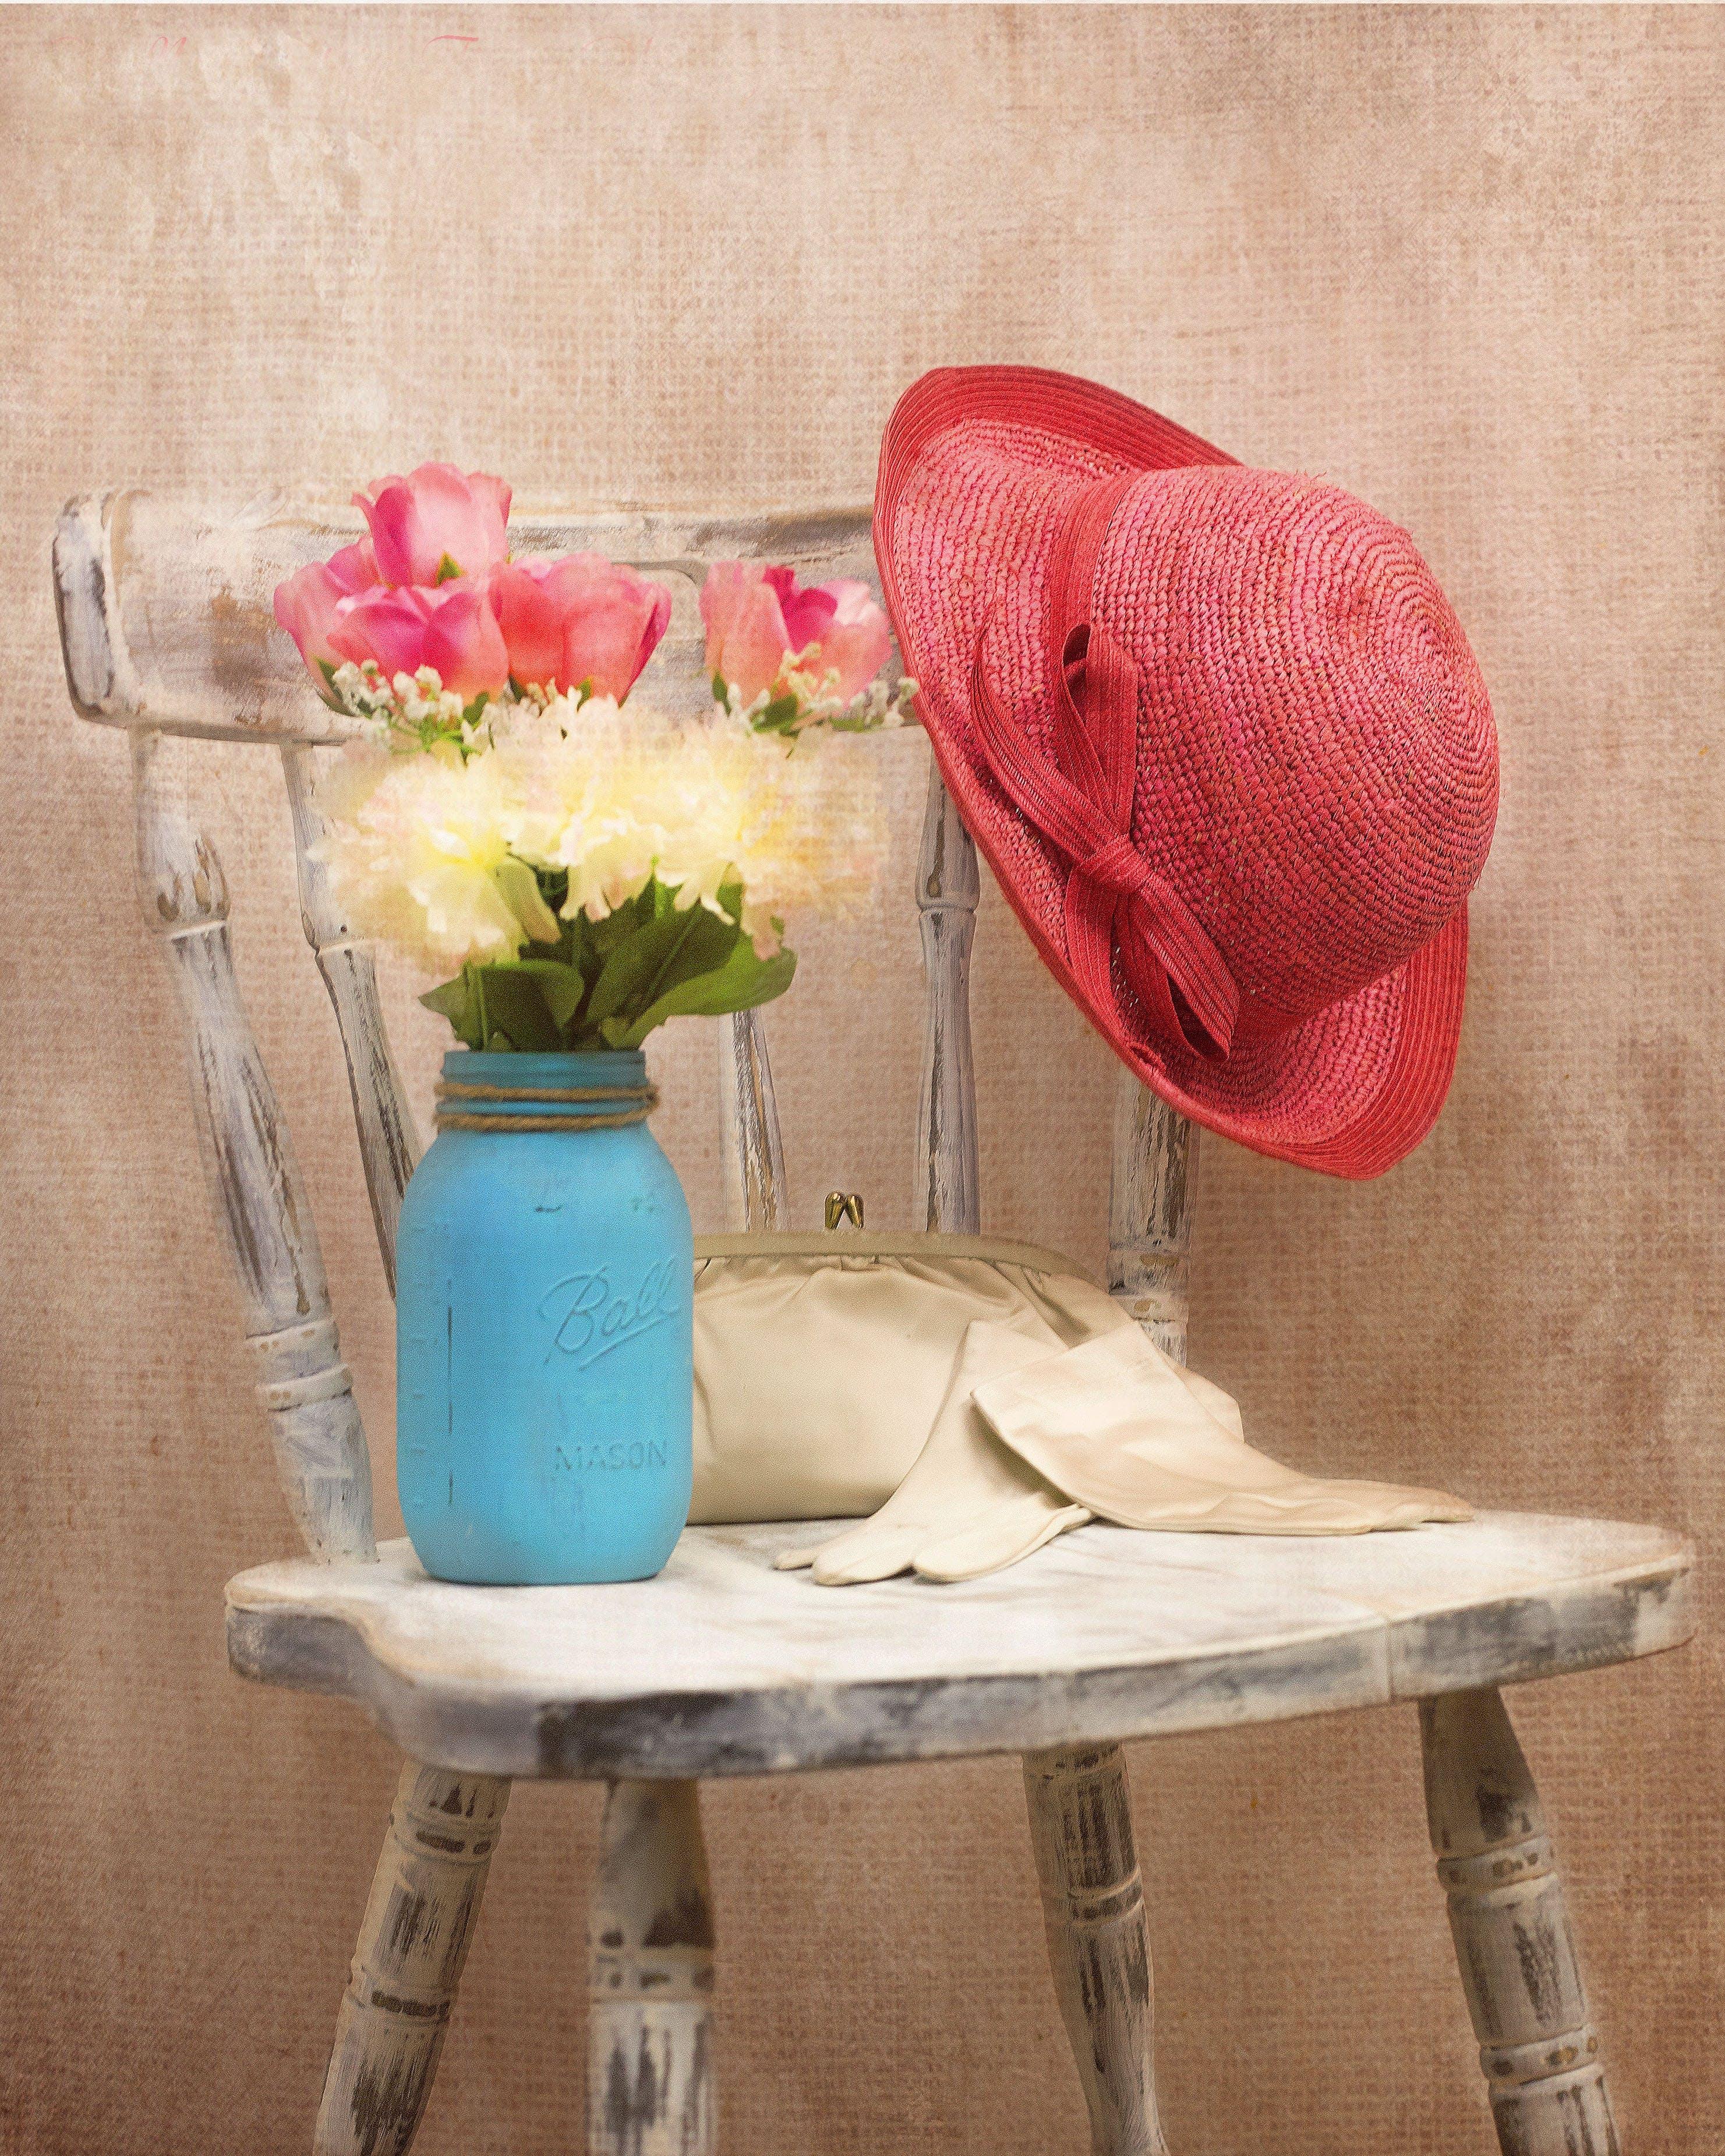 Kostnadsfri bild av blommor, flora, hatt, rustik